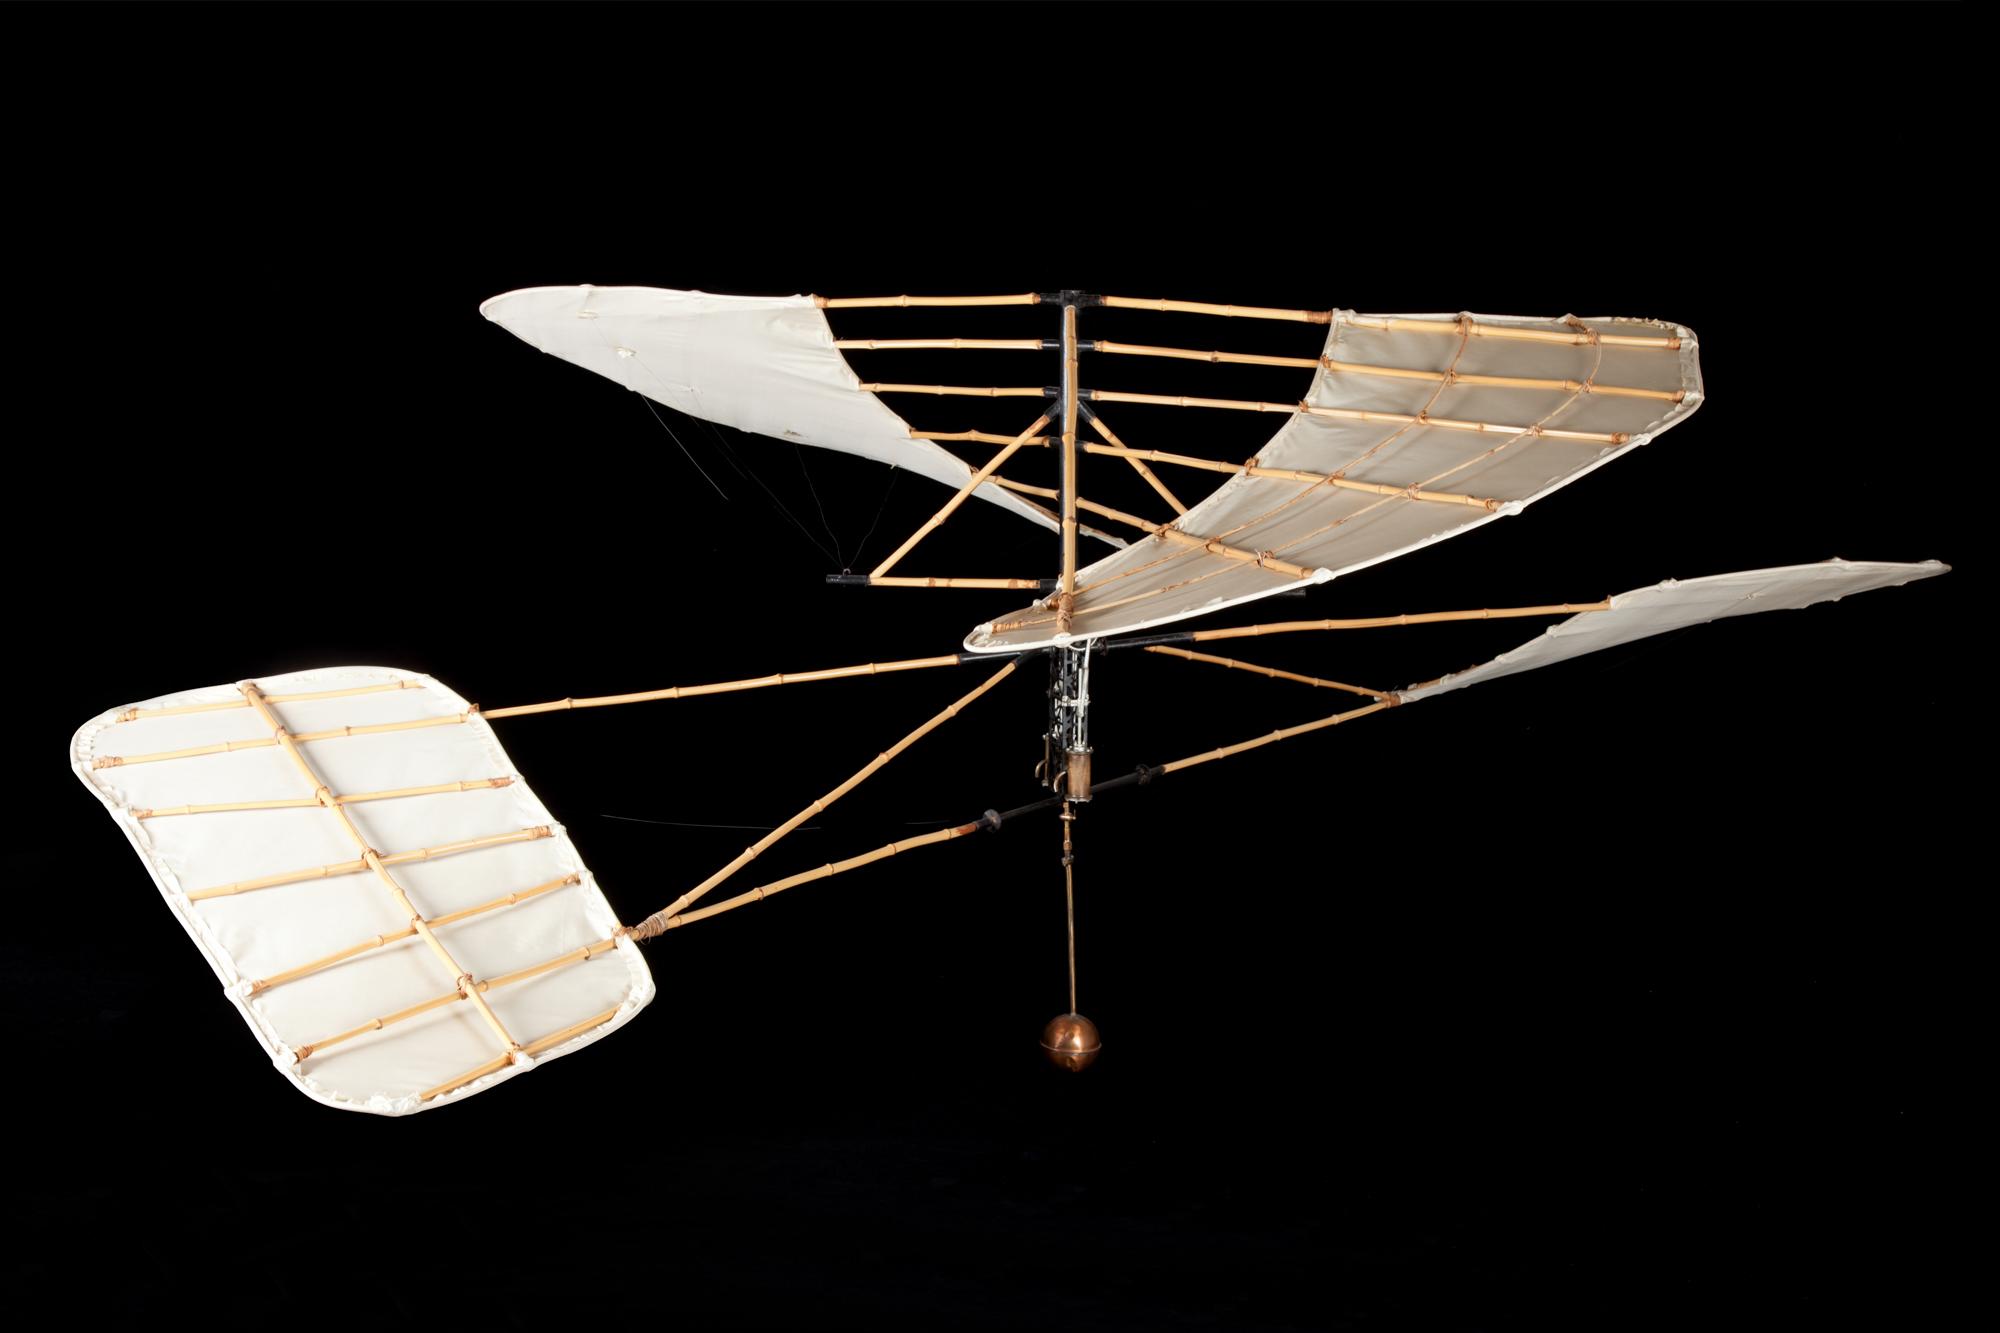 Elicottero Milano : File:elicottero sperimentale enrico forlanini 1877 museo scienza e